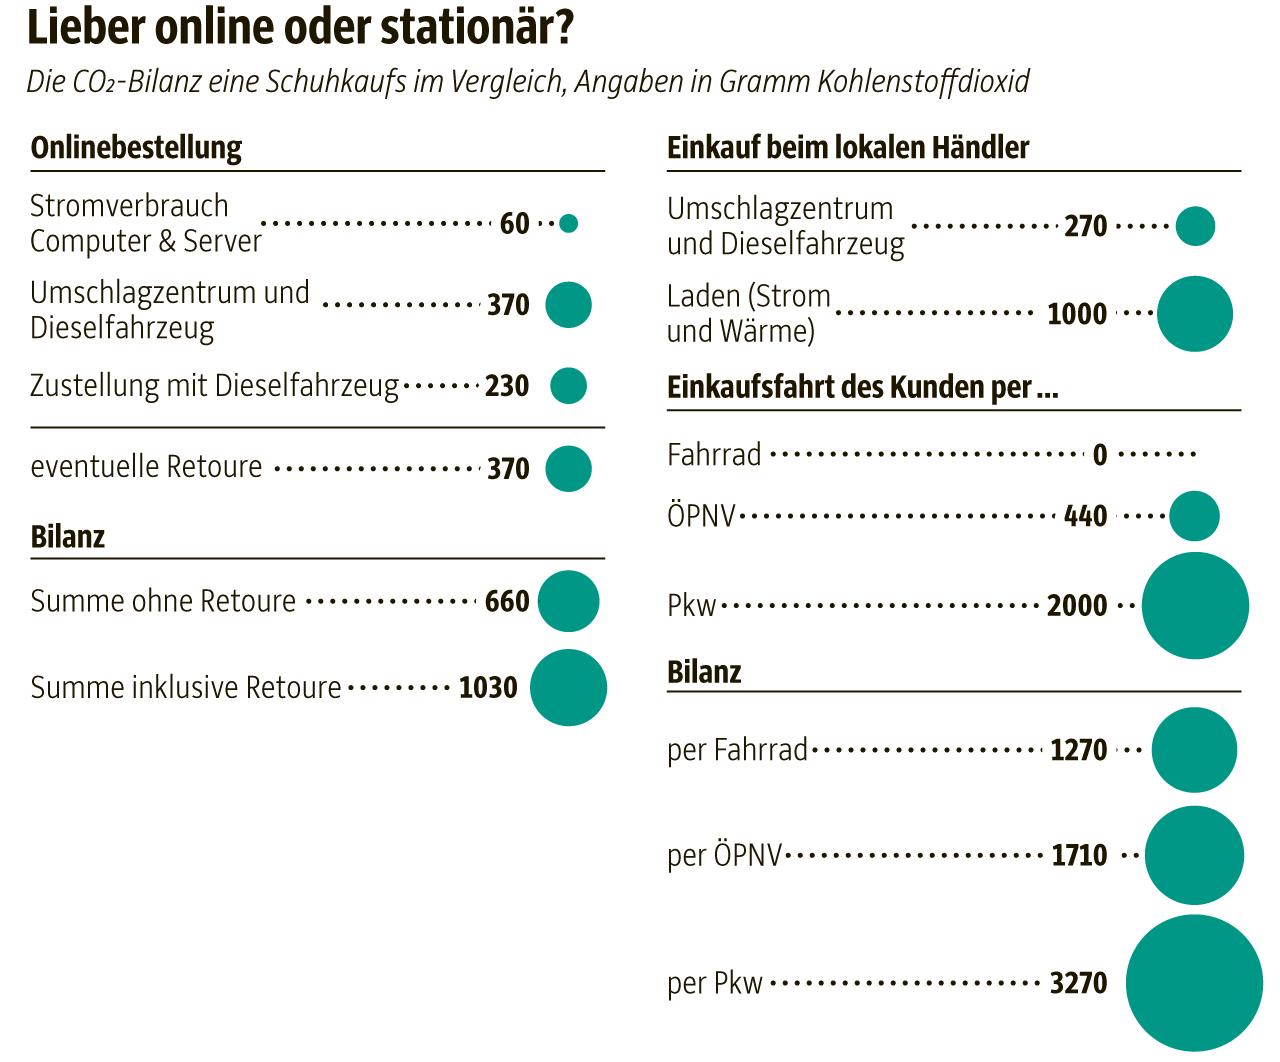 CO2-Bilanz eines Schuhkaufs - Online vs. Stationär - Grafik: Süddeutsche Zeitung / Quelle: Öko-Institut